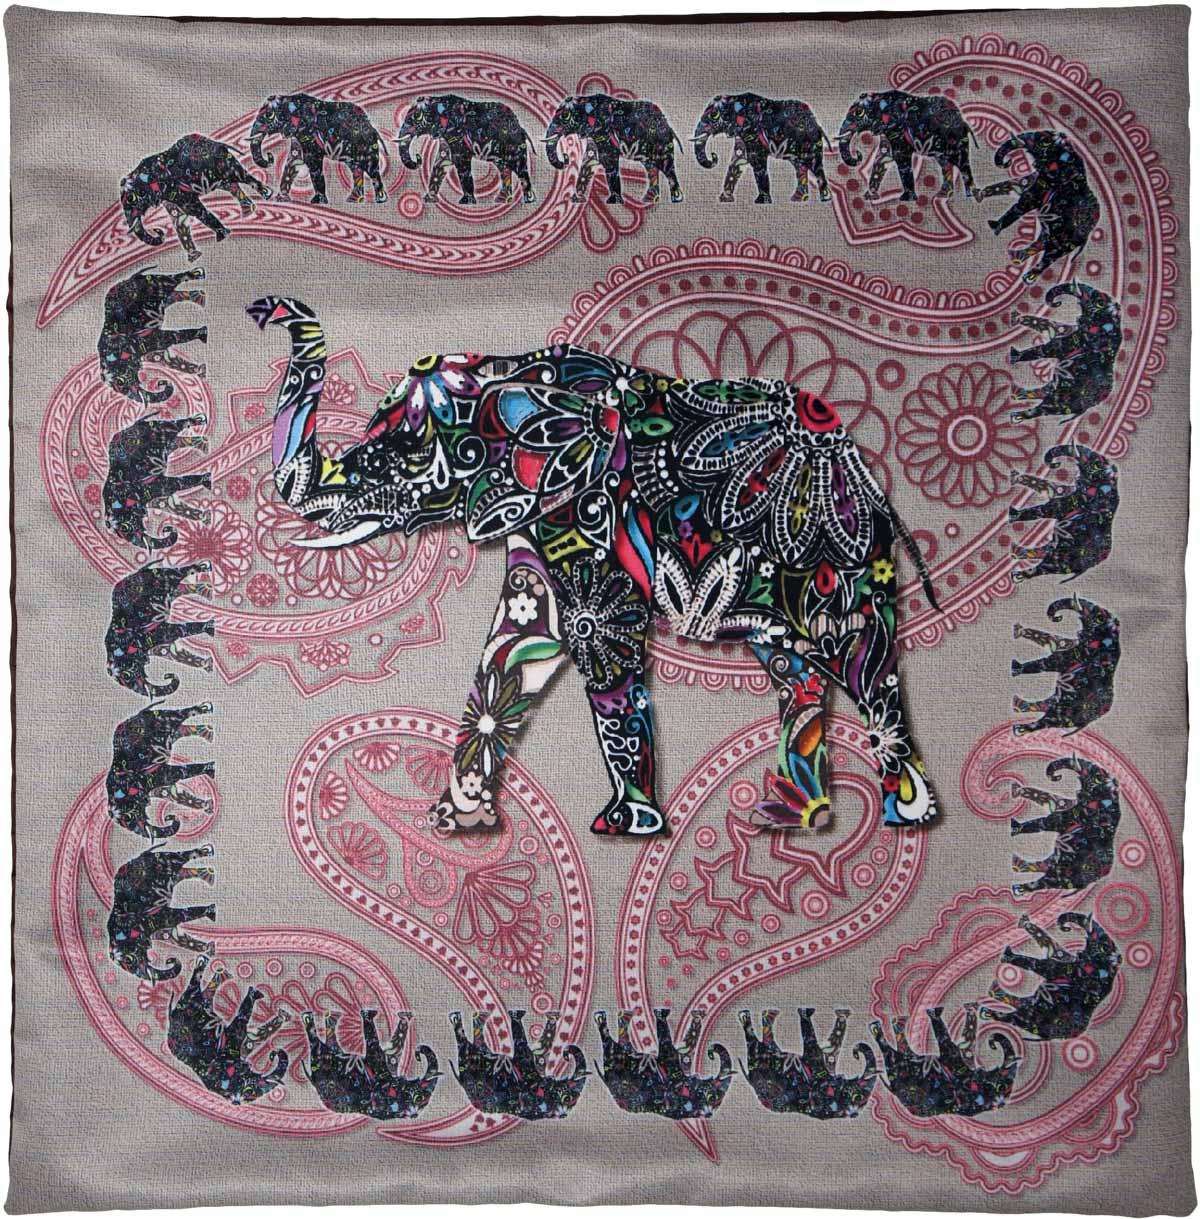 Наволочка для декоративной подушки GiftnHome Слон, цвет: серый, розовый, черный, 40 х 40 смНВЛ-40 Слон/серый/Изделие изготовлено из искусственного шелка - атласа! Наволочка на молнии